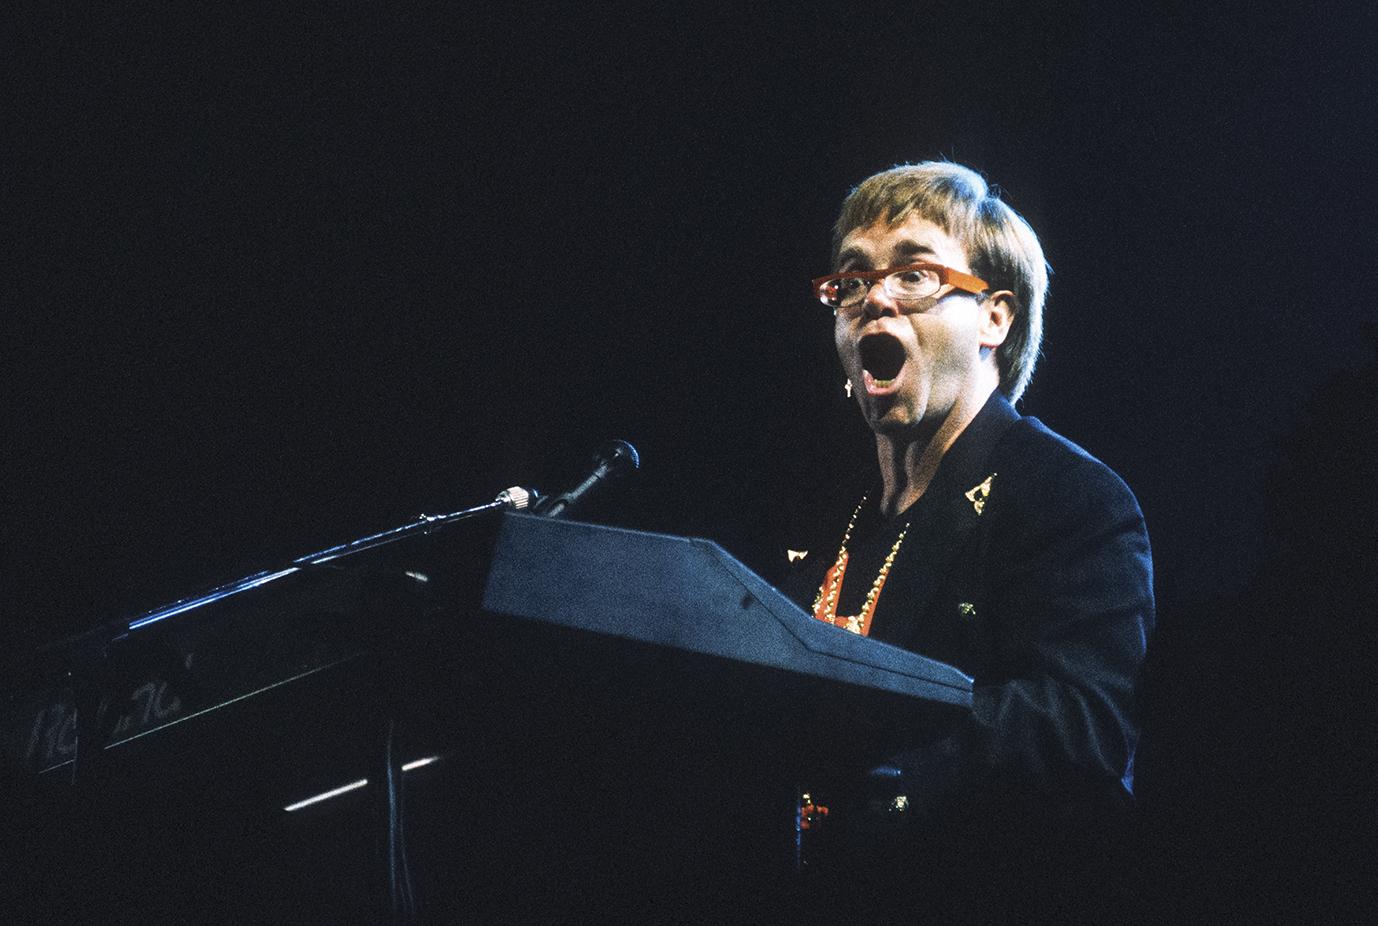 Historia de Elton John en el Castillo de Chapultepec